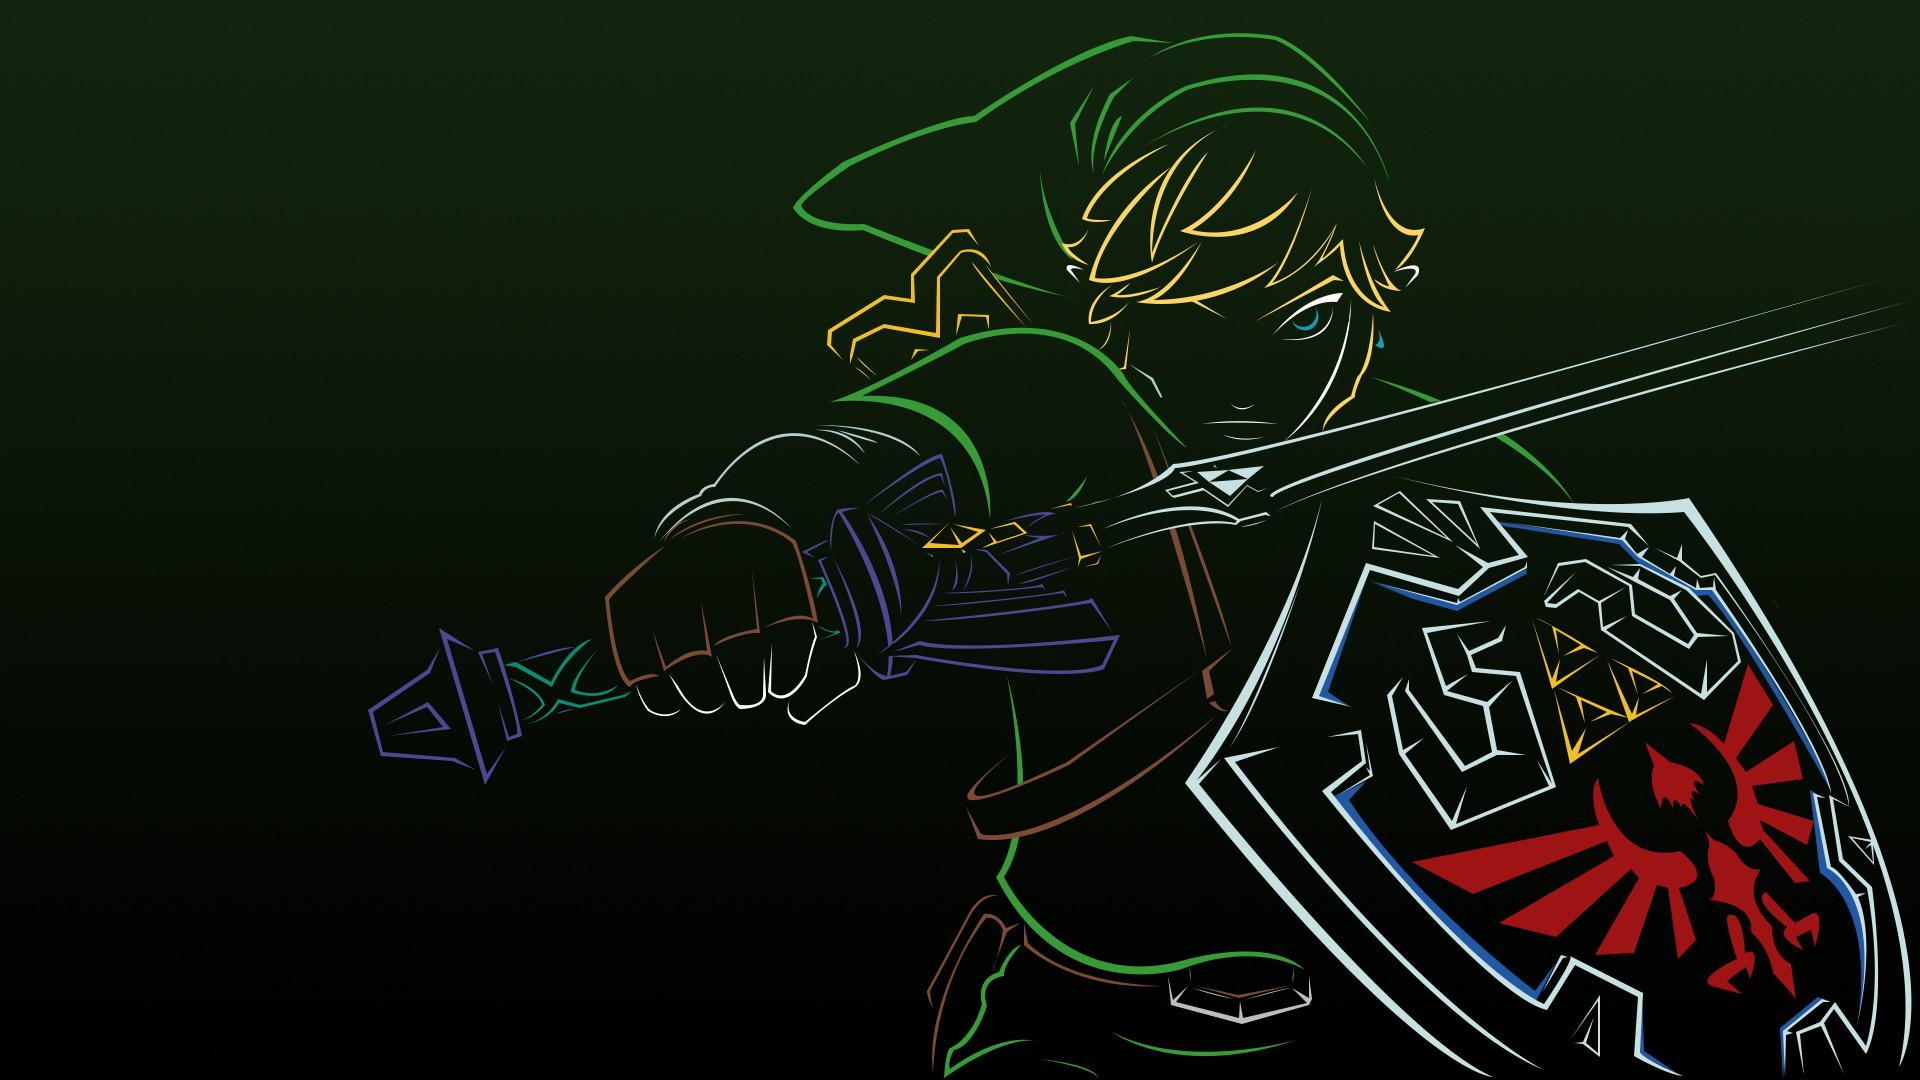 Zelda Computer Wallpapers, Desktop Backgrounds     ID:417286